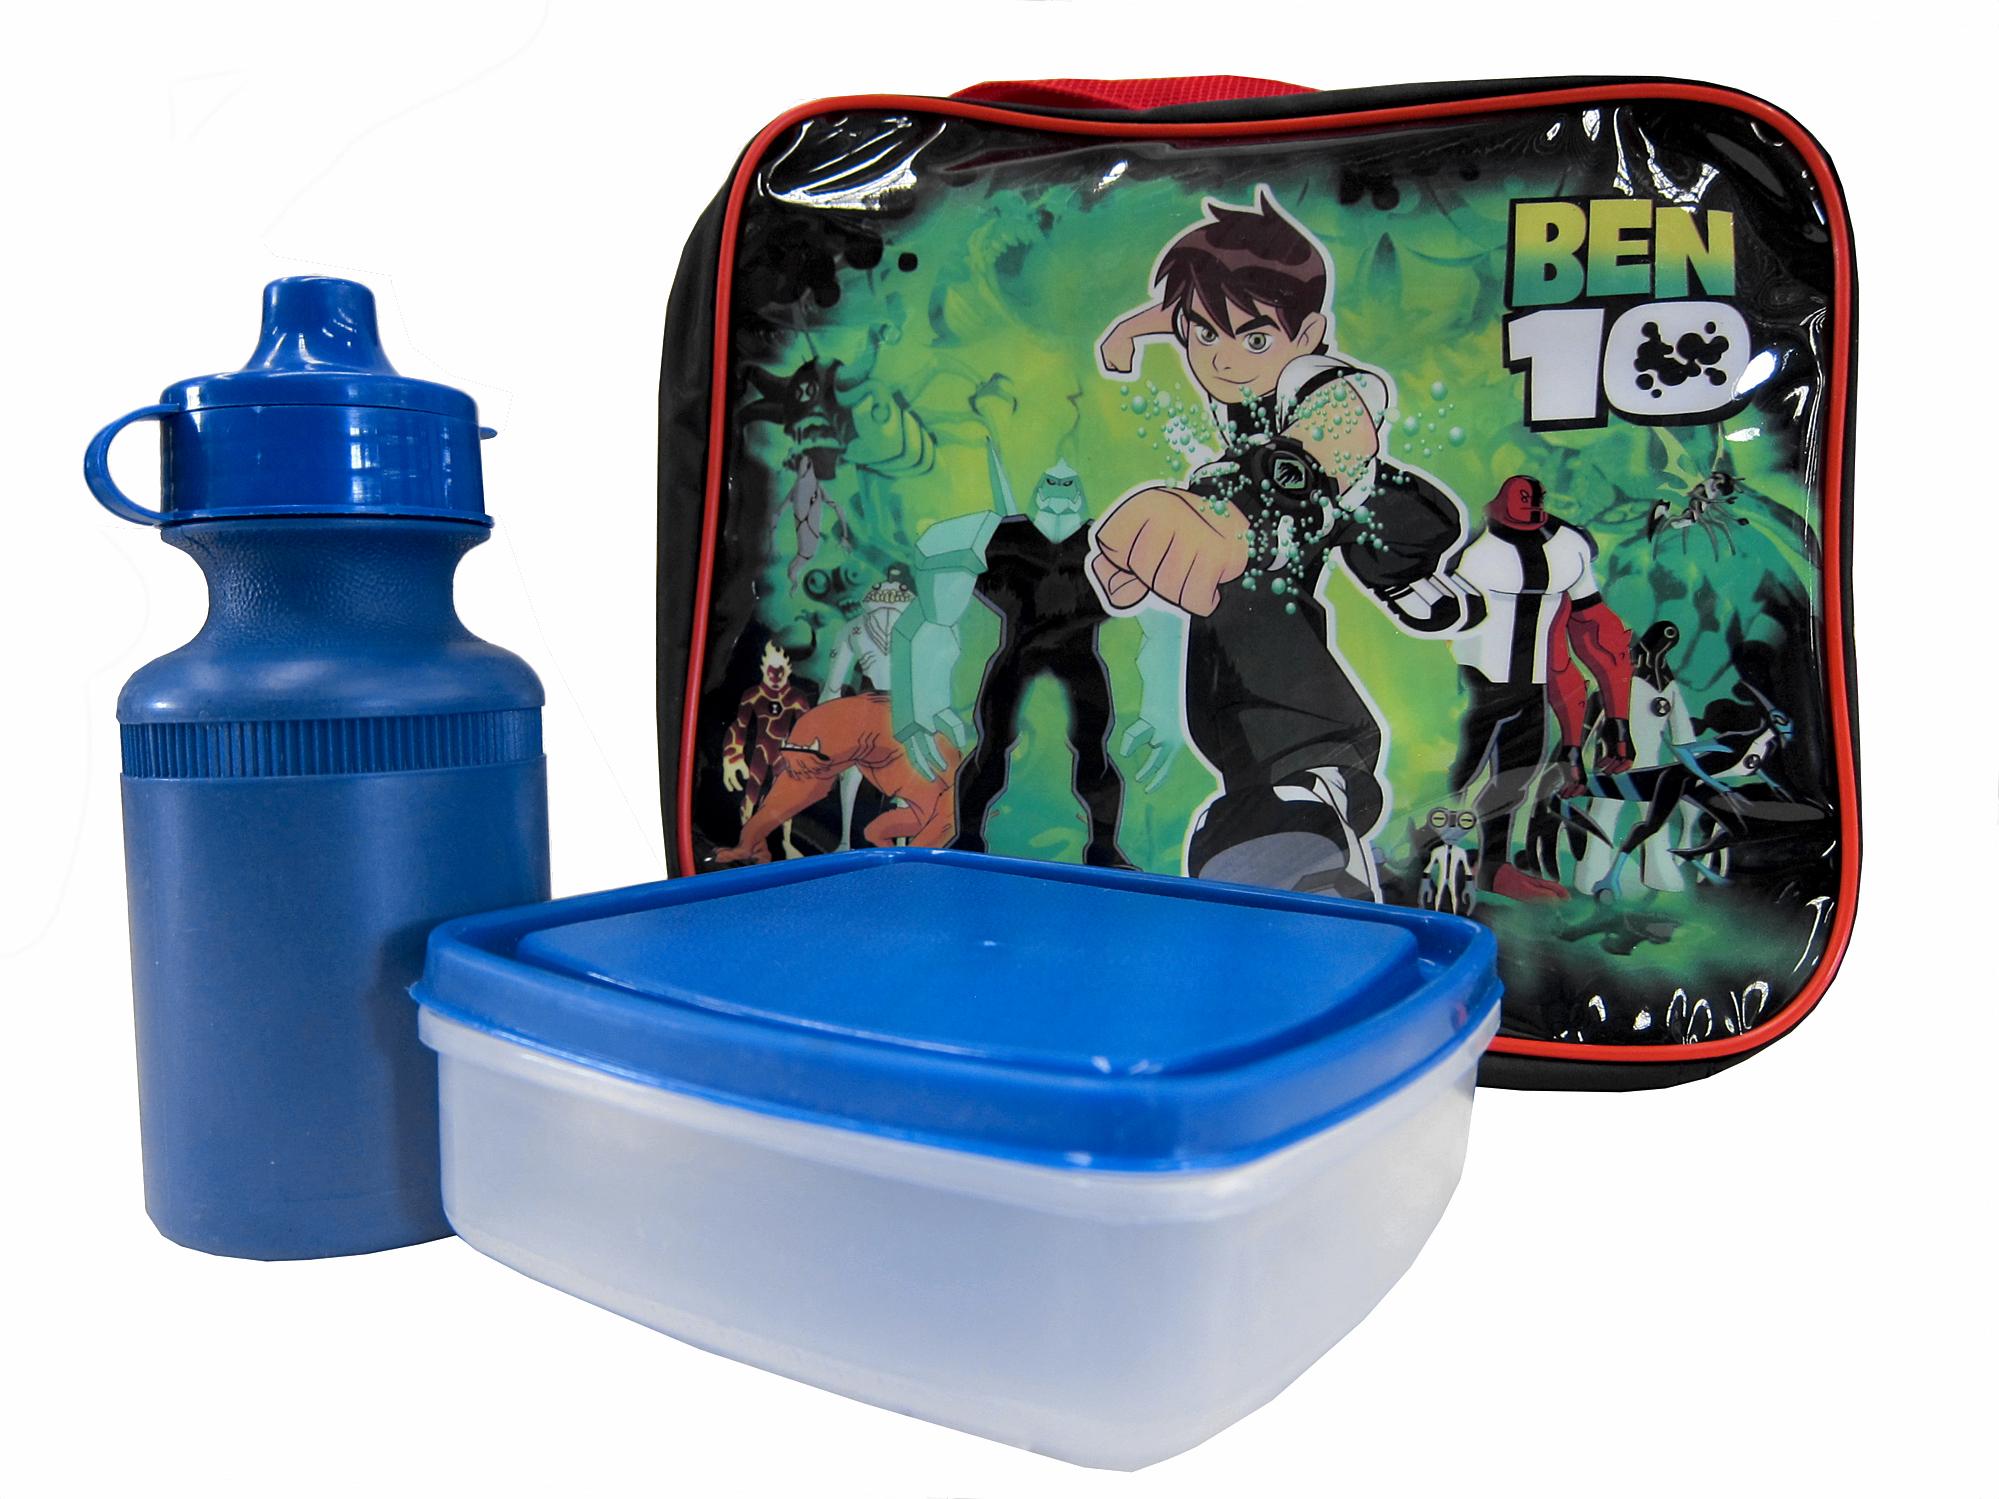 ben 10 blue black school boys lunchbox lunch box bag. Black Bedroom Furniture Sets. Home Design Ideas